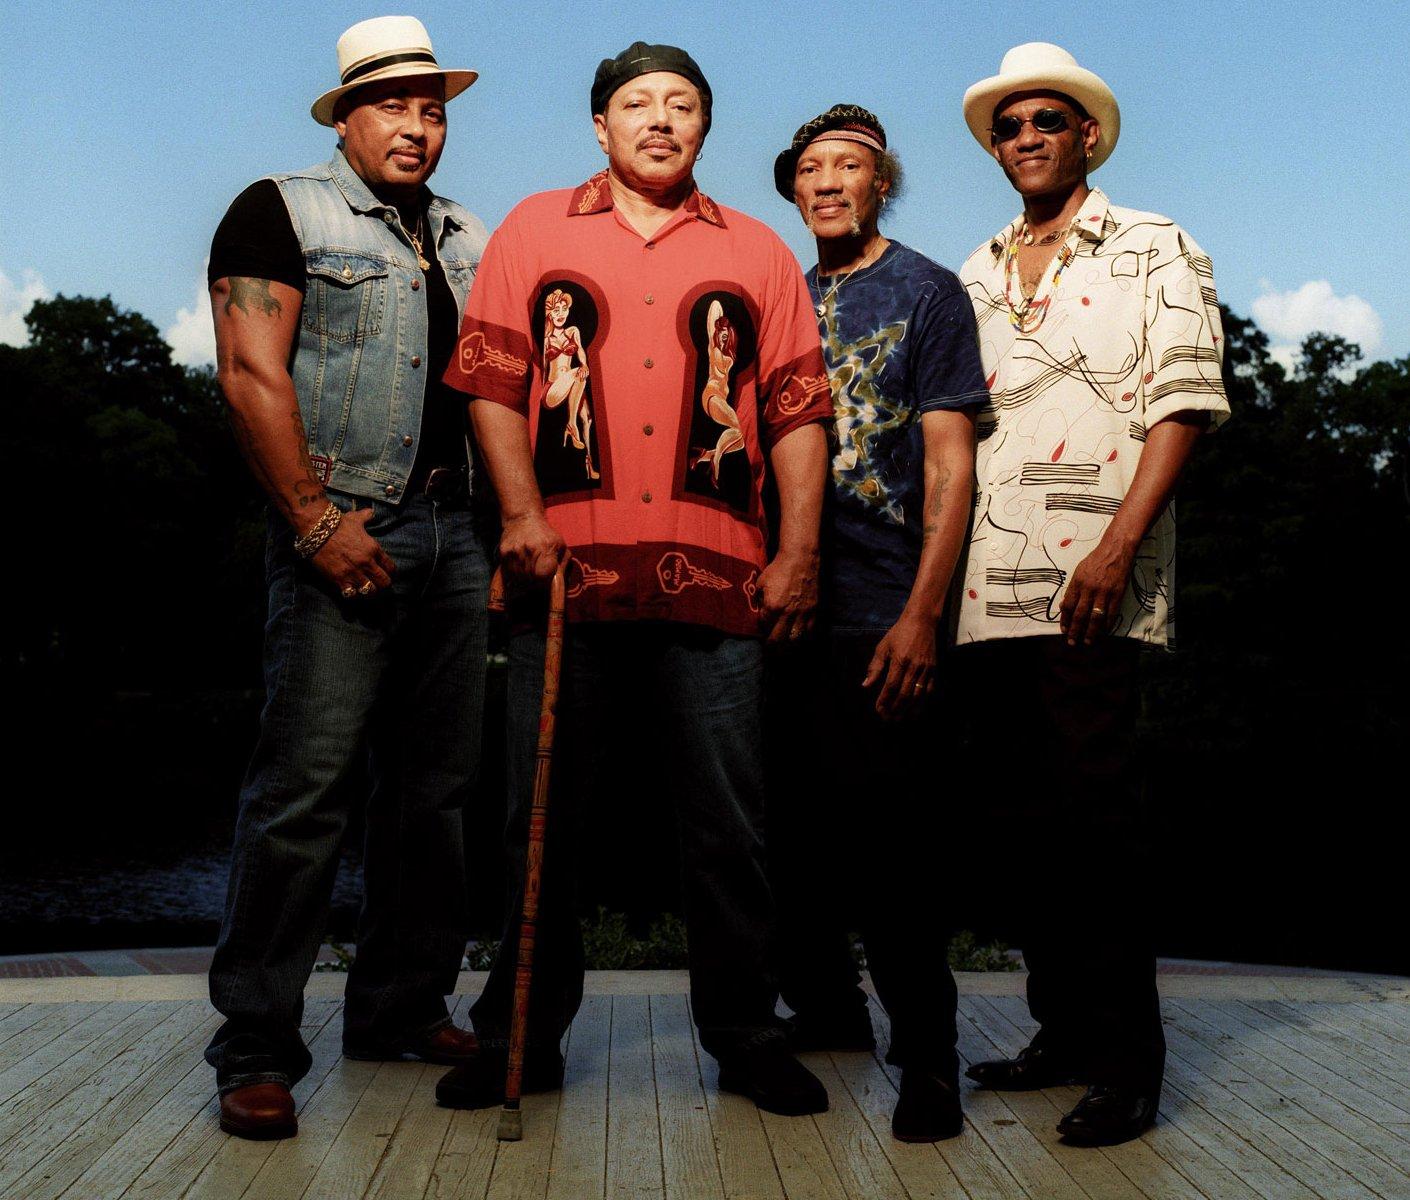 La familia funk por excelencia de Nueva Orleans, los hermanos Neville: Aaron, Art, Charles y Cyril